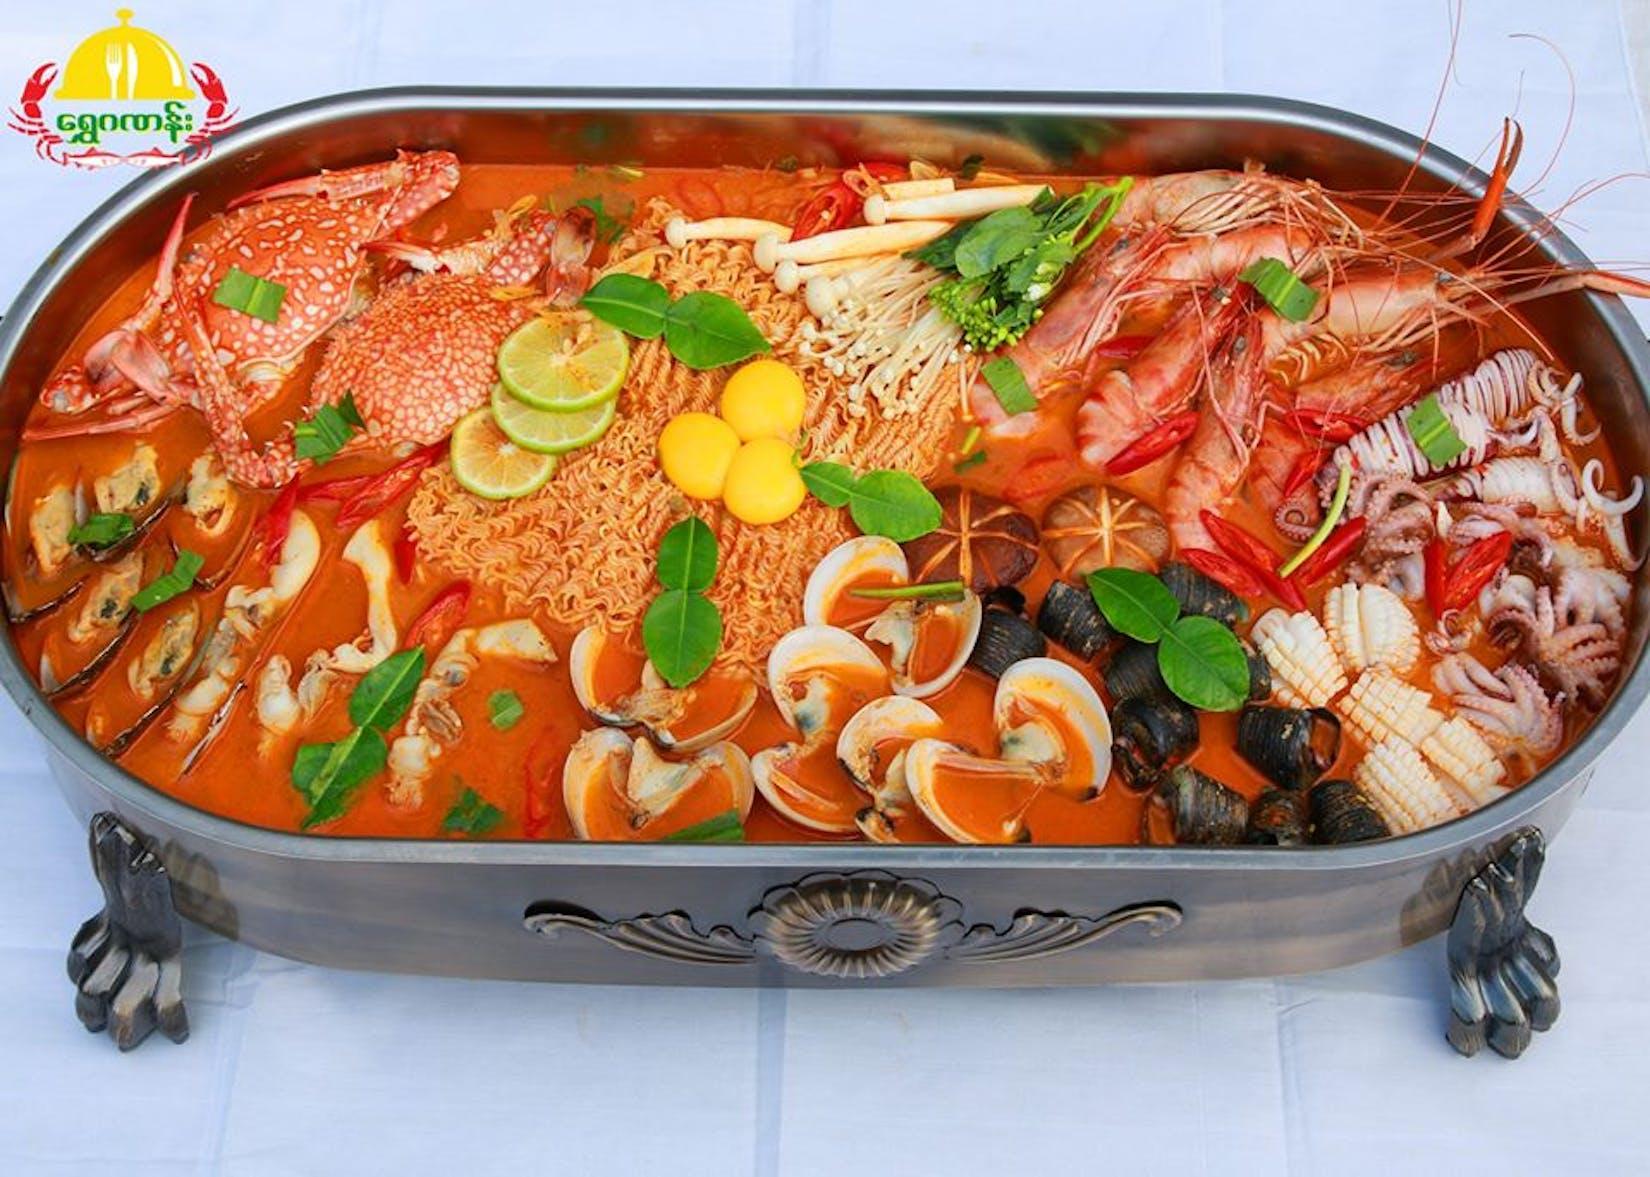 ေရႊဂဏန္း ရခိုင္ရိုးရာ လက္ညွစ္မုန္႔တီ ႏွင့္ ပင္လယ္ အစားအစာ | yathar